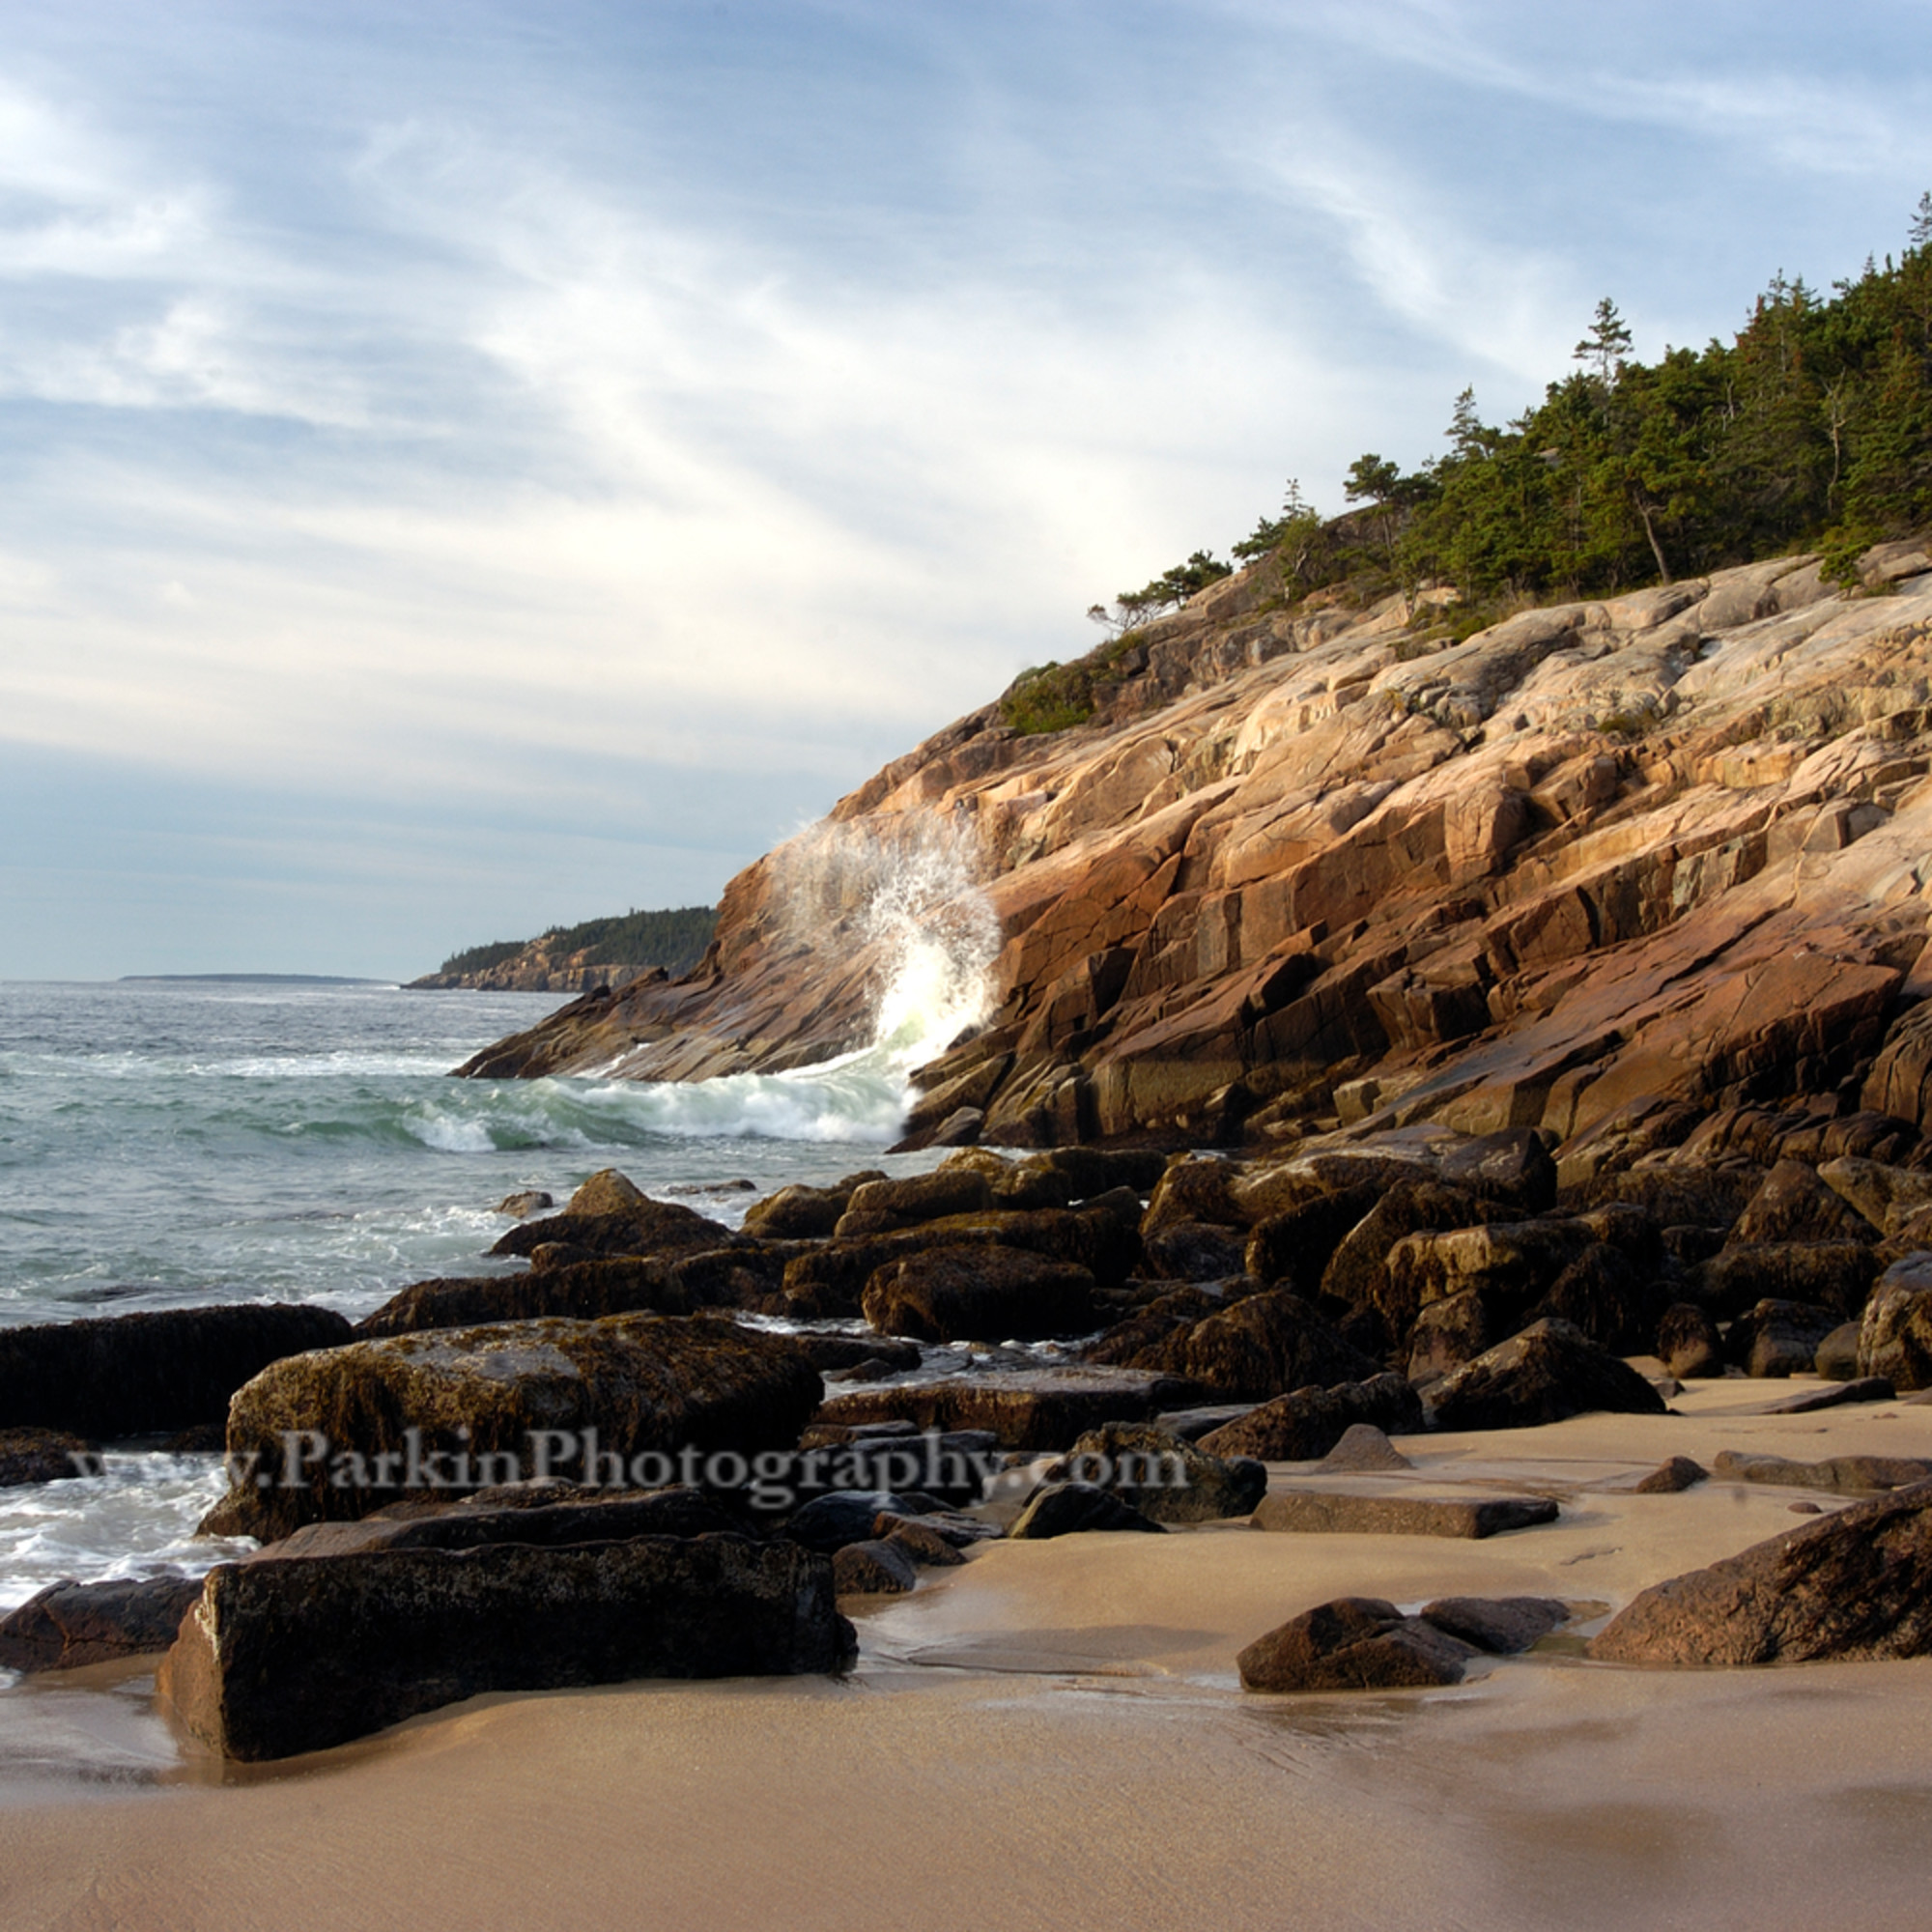 Sand beach 07 asf qjikph